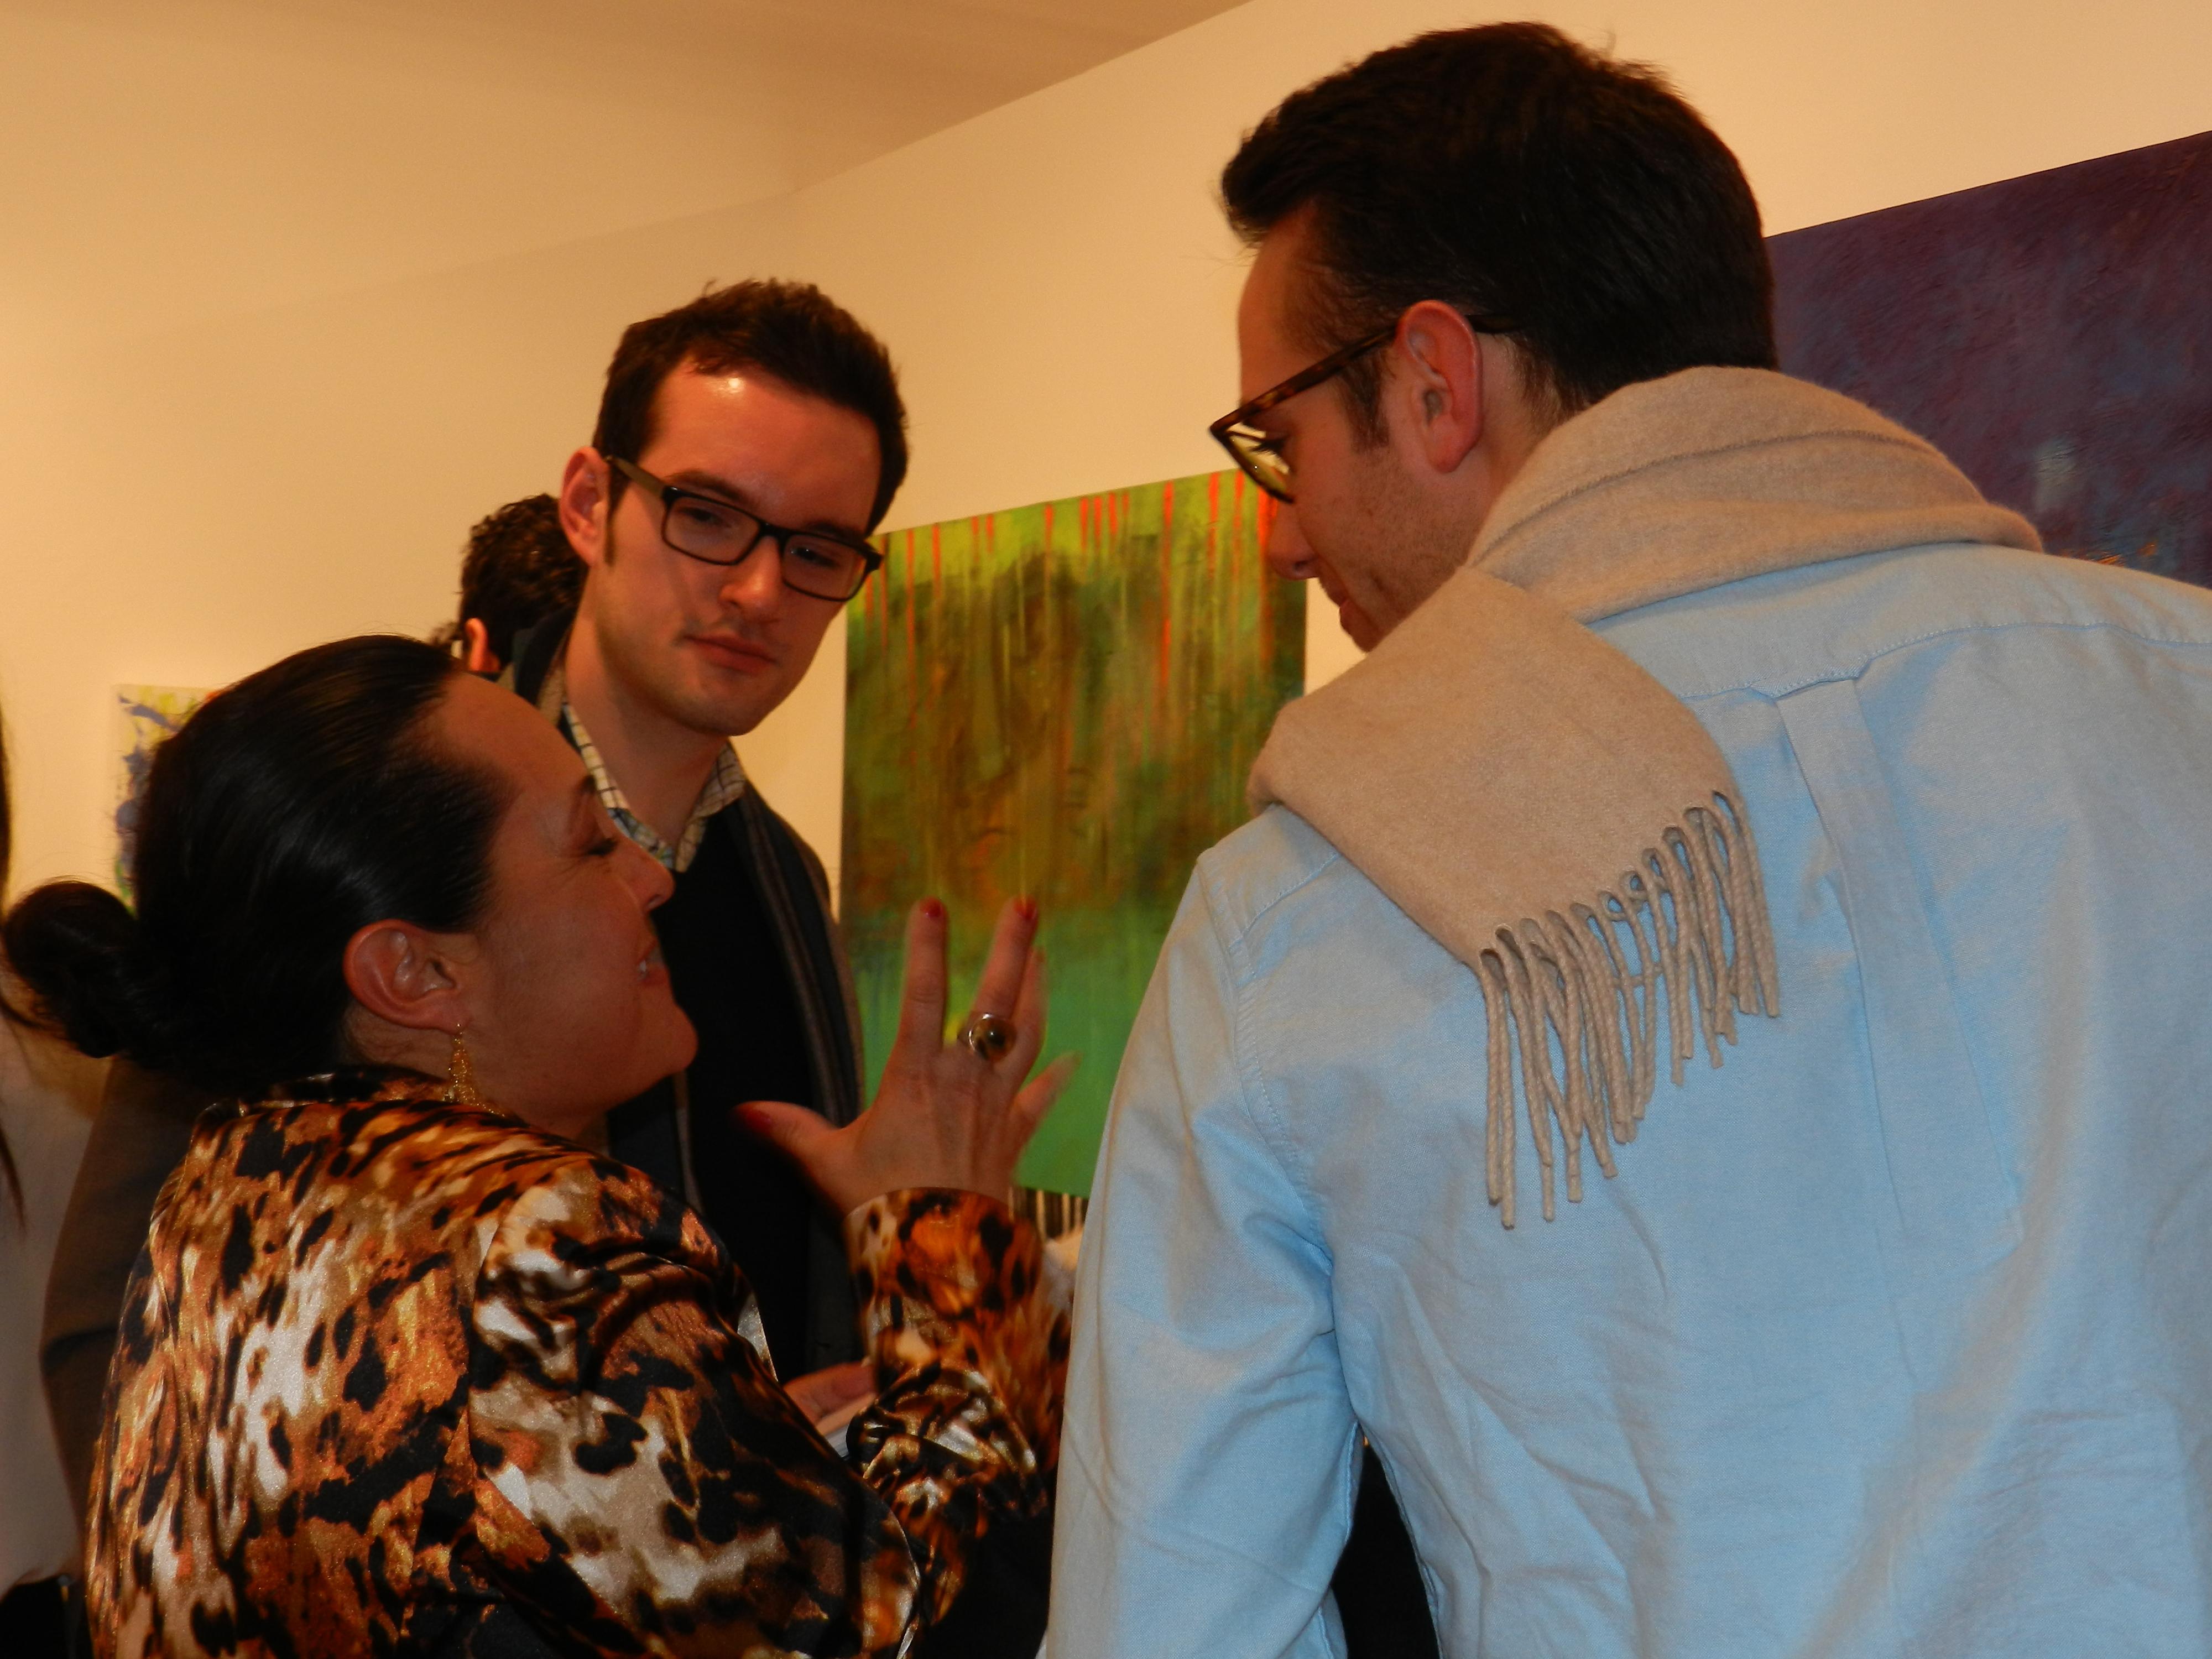 Lety+Herrera+At++Agora+Gallery+NYC+040